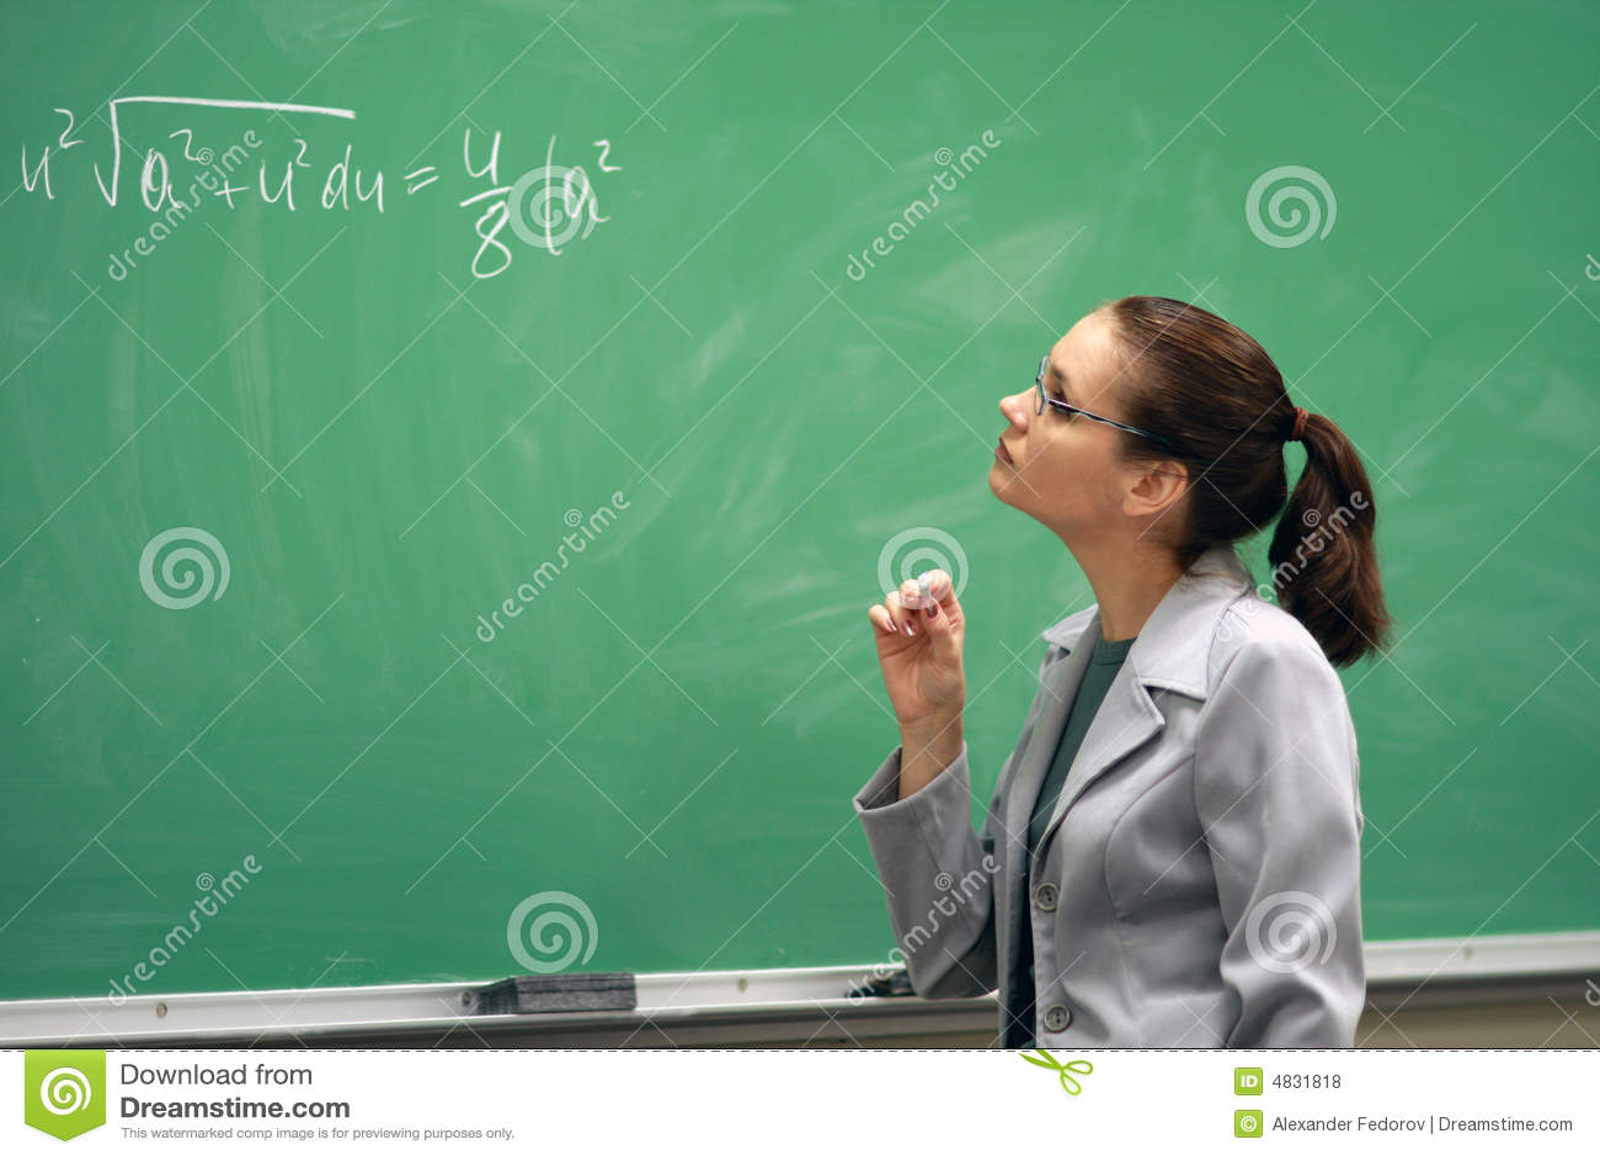 учитель greenboard